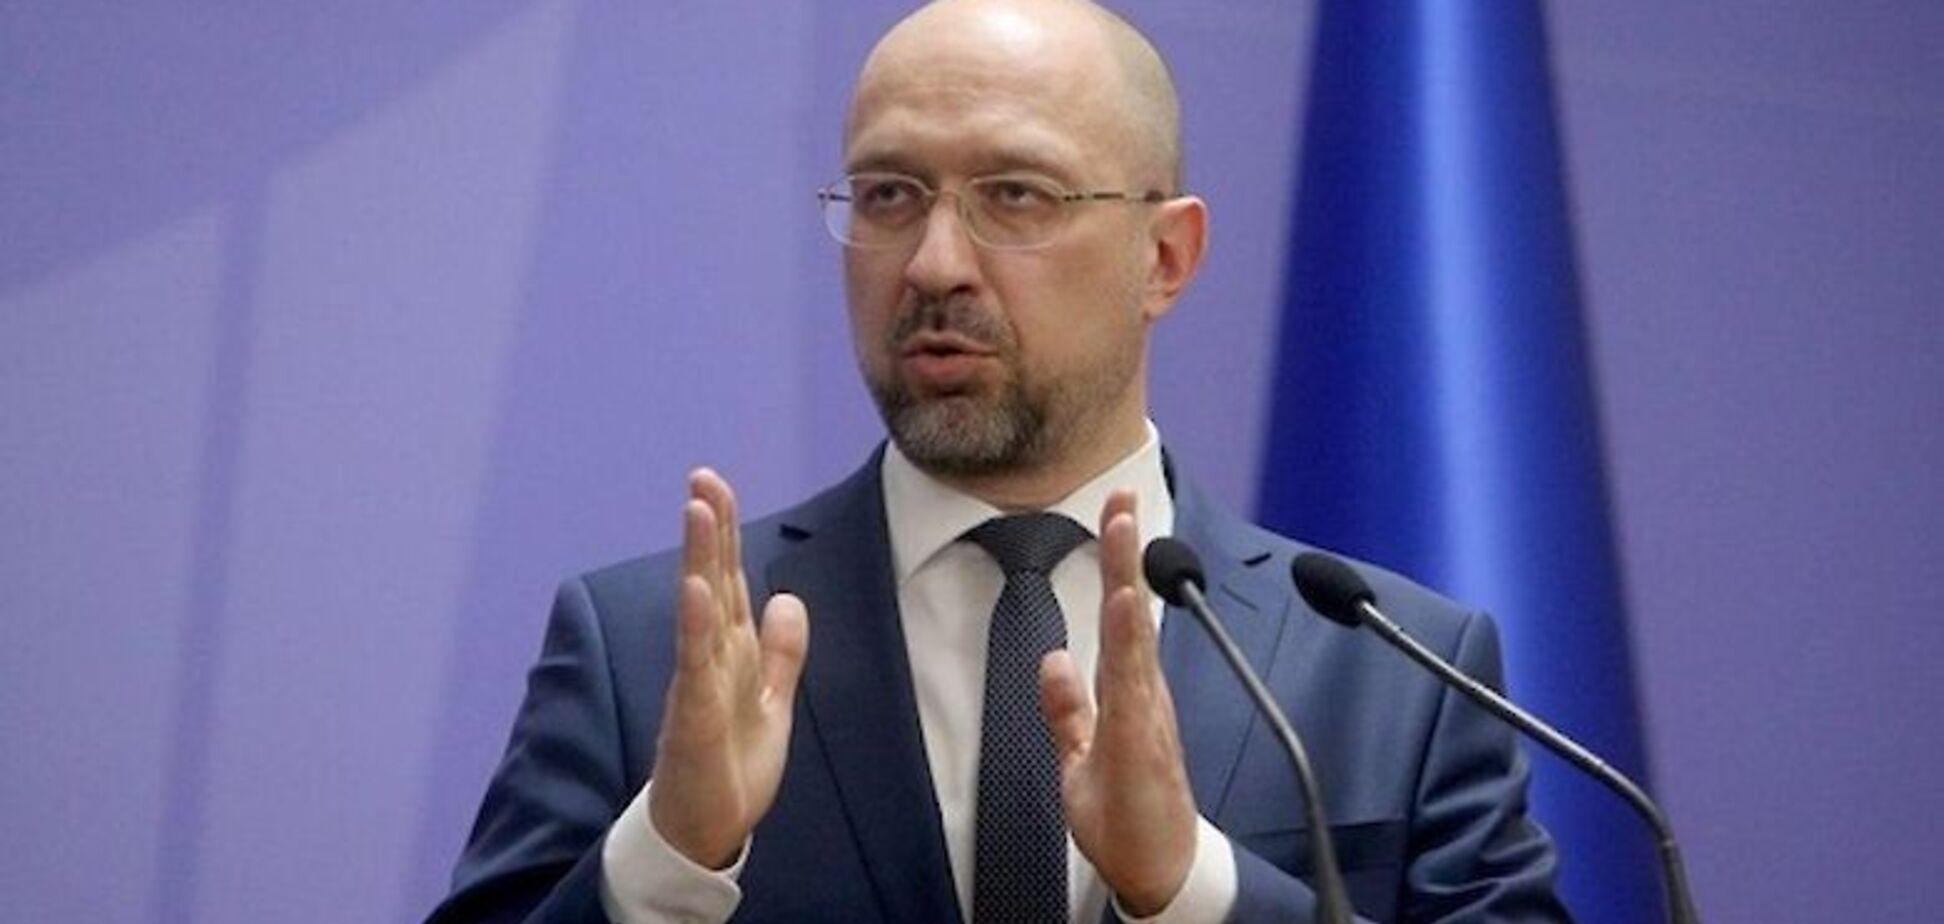 Українцям будуть платити по дві пенсії: Шмигаль розповів про нововведення